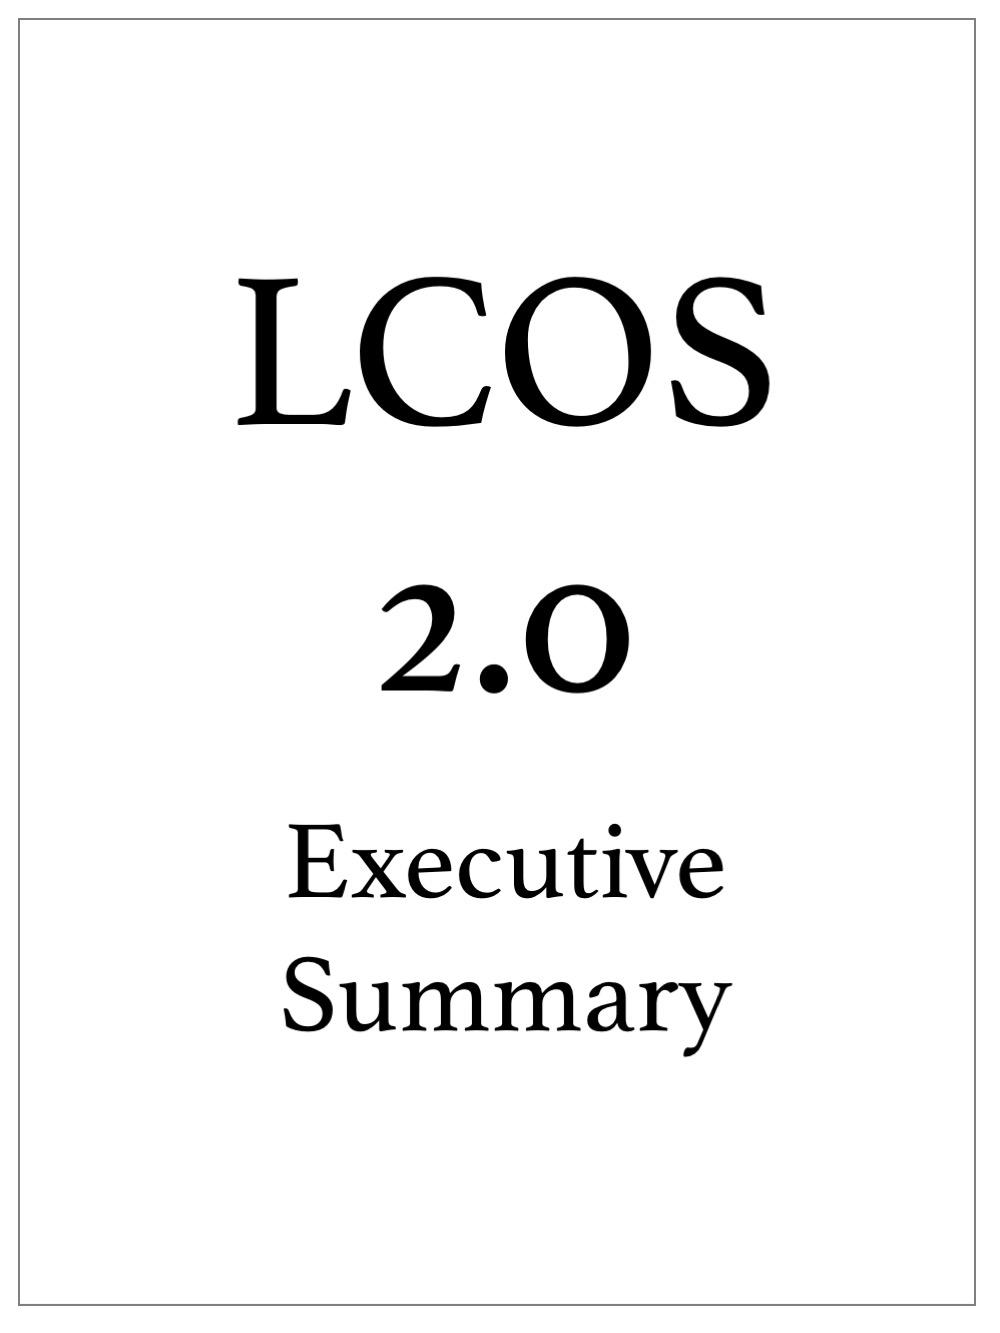 LCOS 2.0 logo Exec.jpg